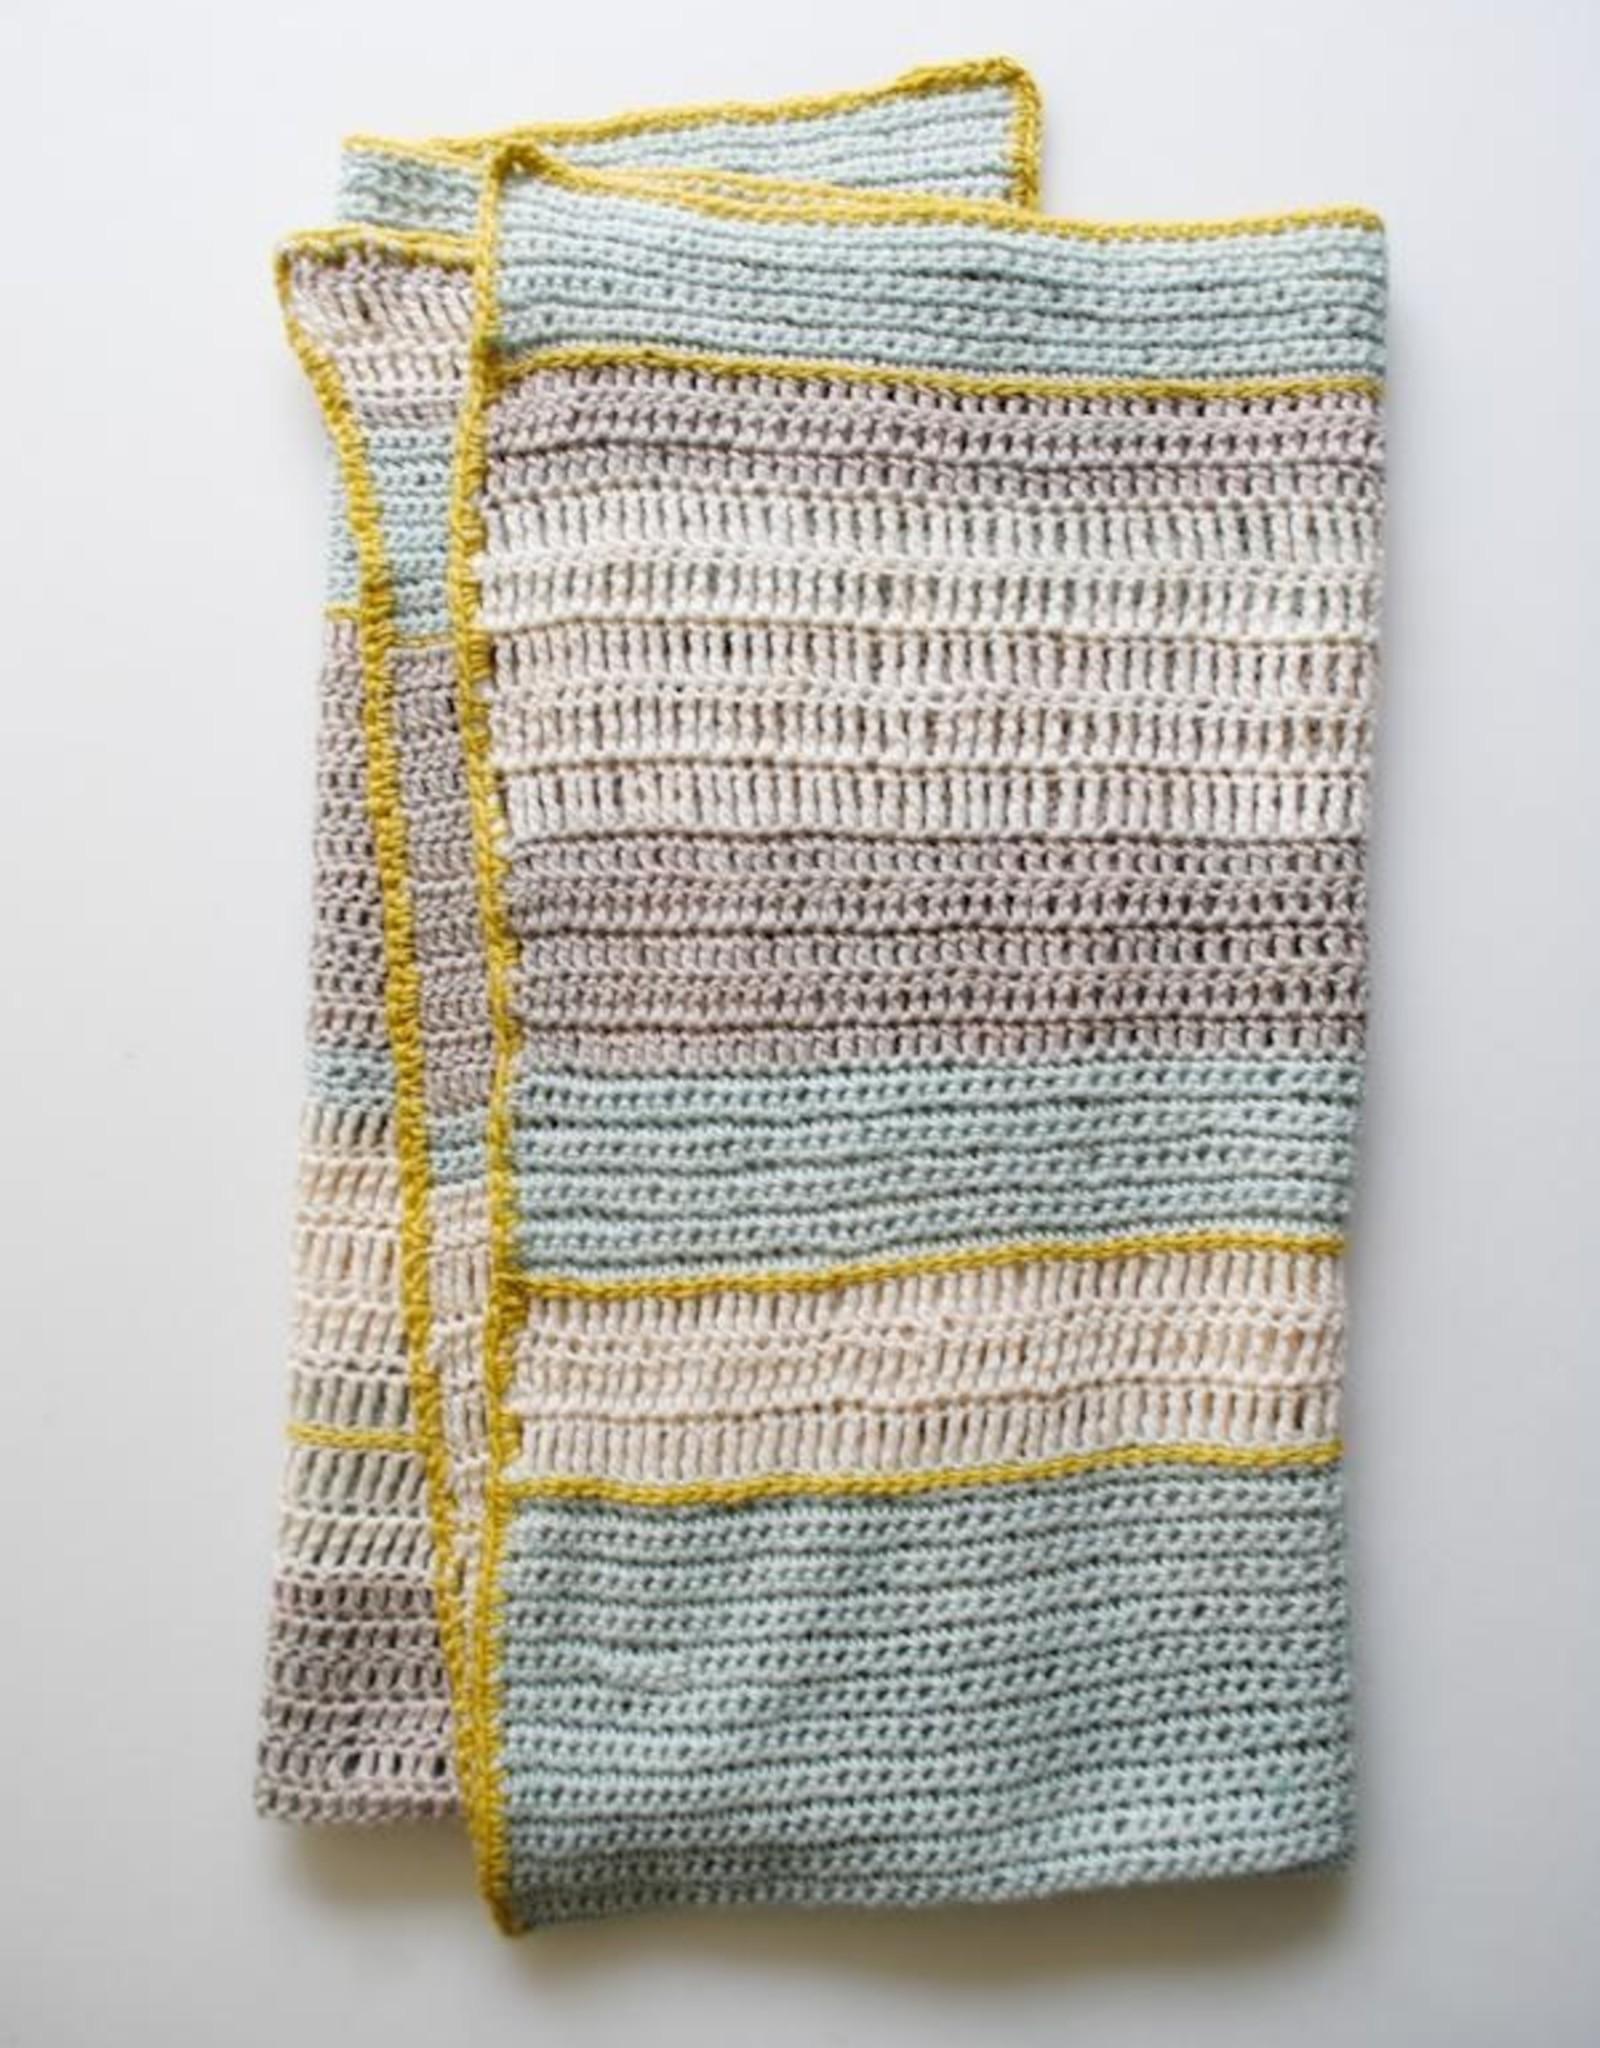 Manos Del Uruguay Cochecito Crochet Baby Blanket Pattern in Serena